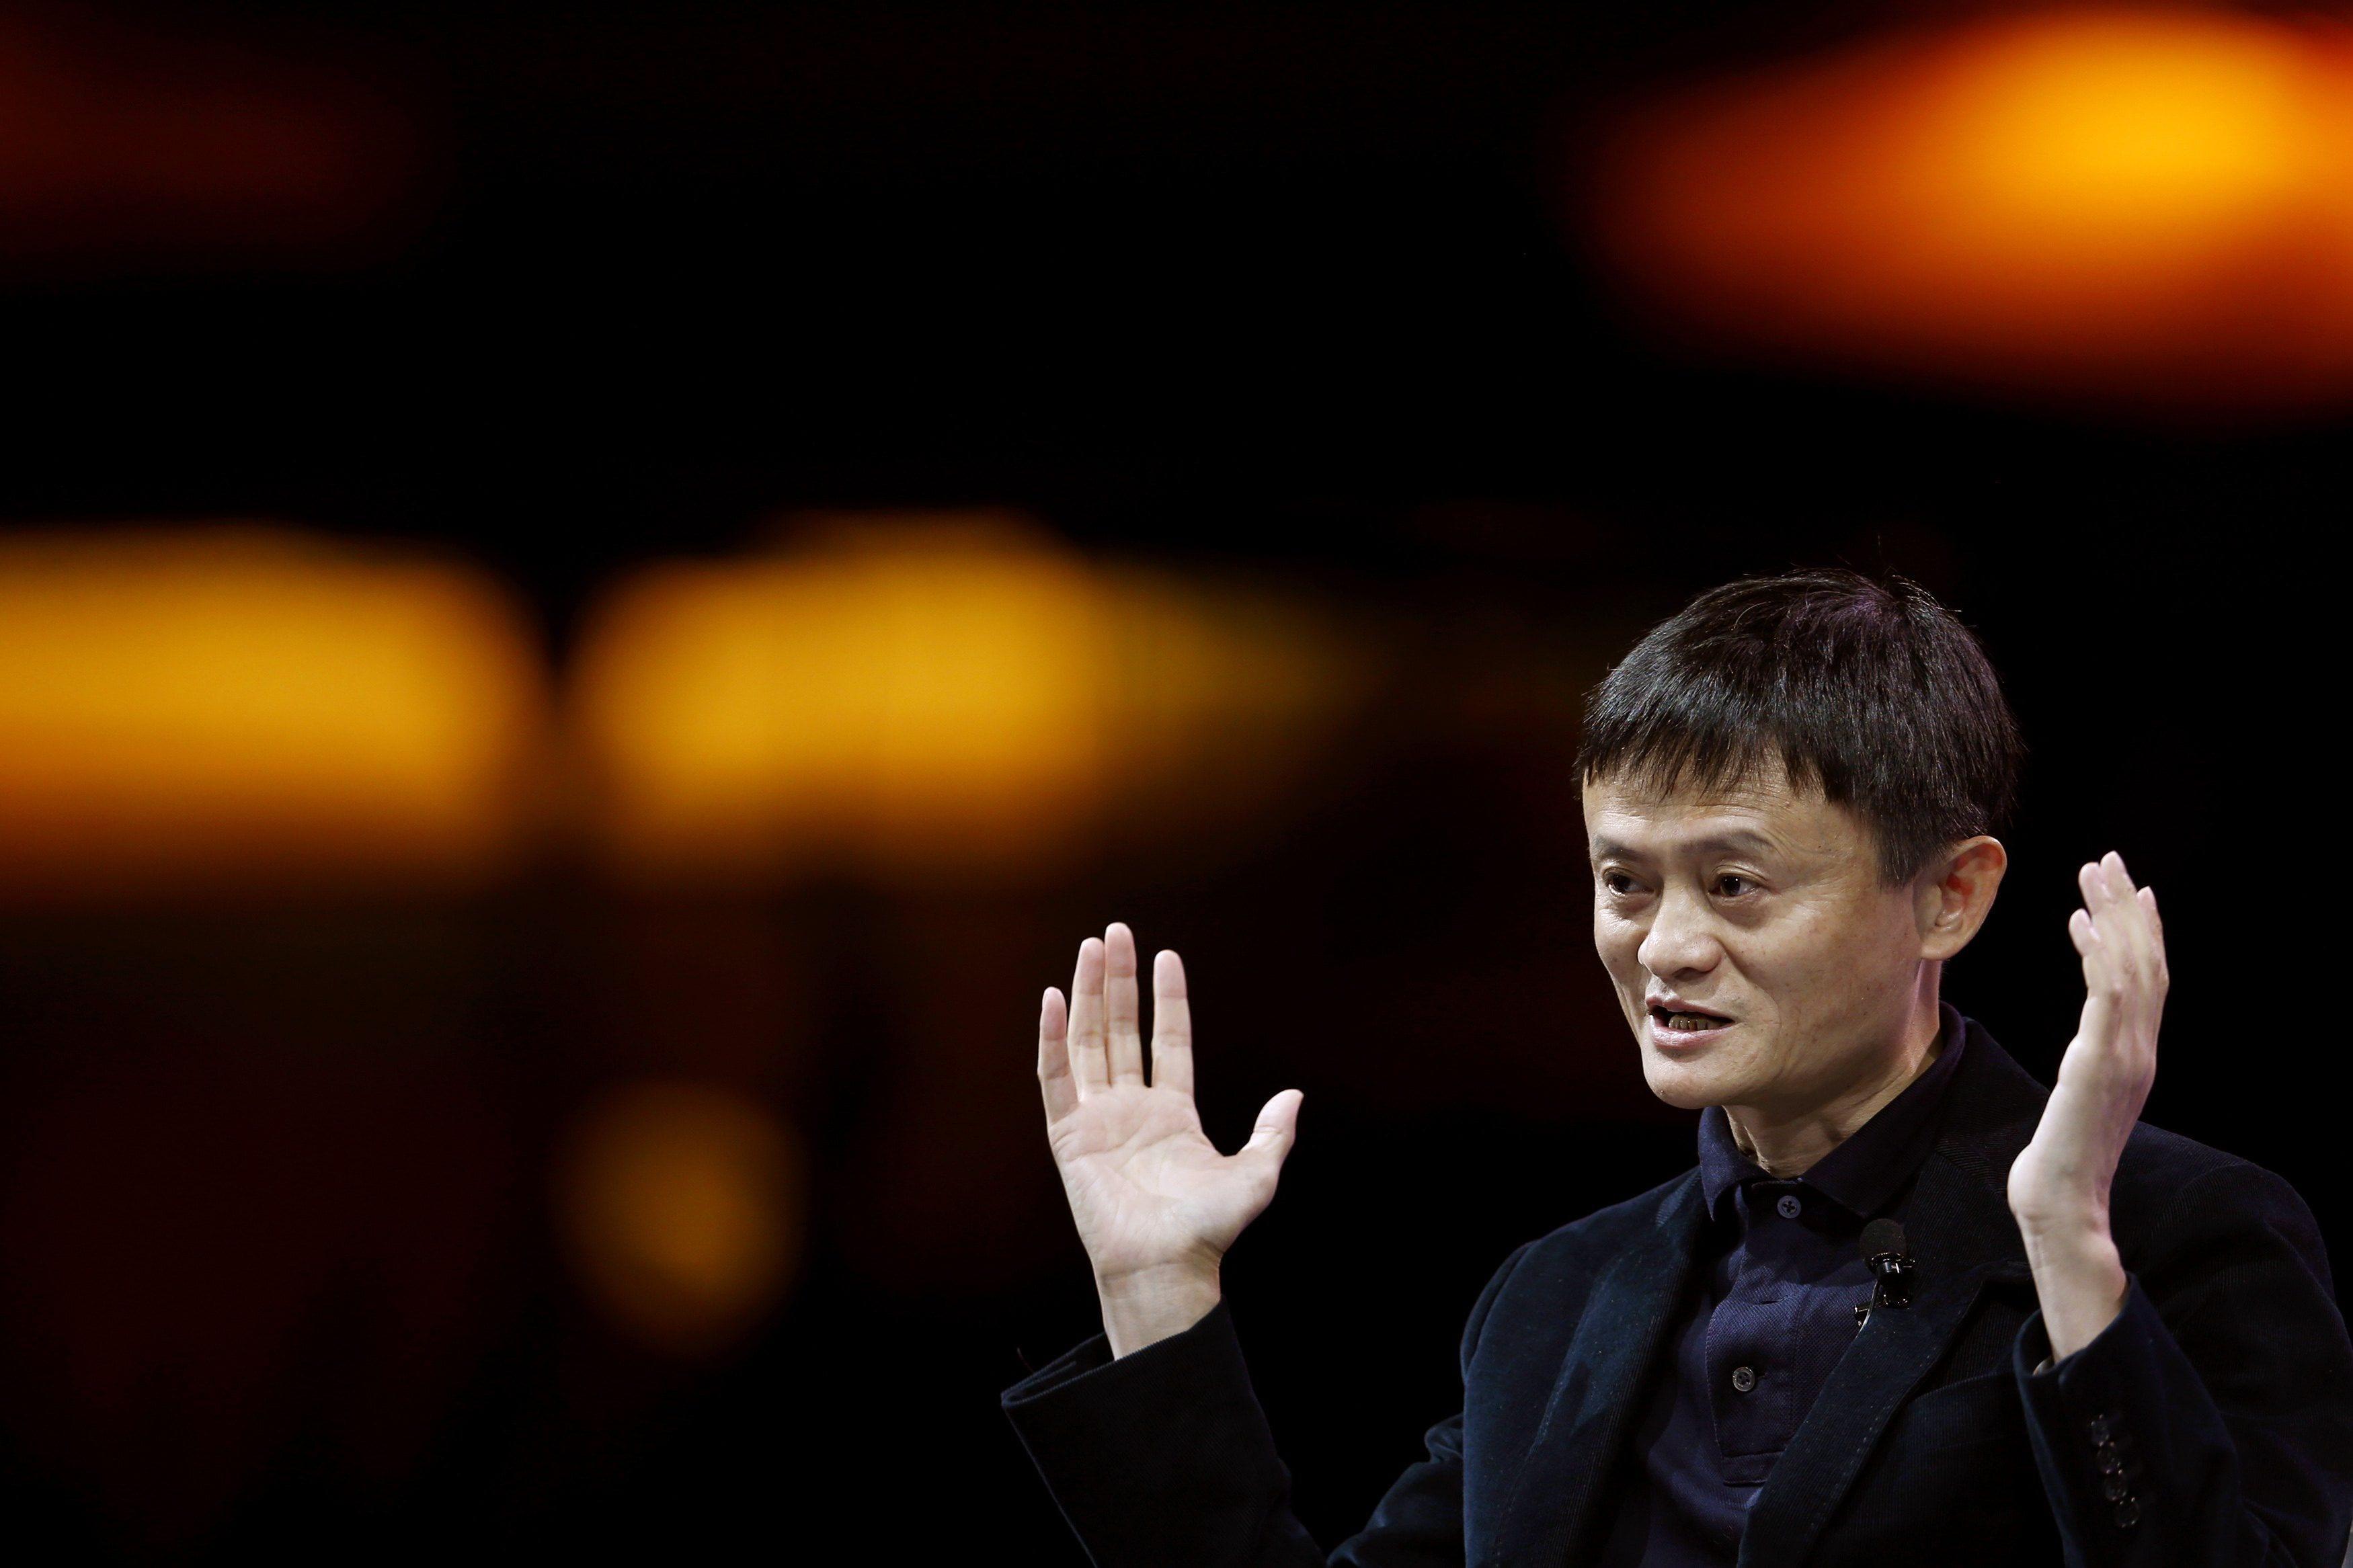 แจ็ค หม่า เป็นผู้ก่อตั้งยักษ์ใหญ่แห่งวงการอีคอมเมิร์ซของประเทศจีน อาลีบาบา เป็นคนที่รวยที่สุดในประเทศจีน ด้วยทรัพย์สินมากกว่า 2 หมื่นล้านเหรียญสหรัฐ